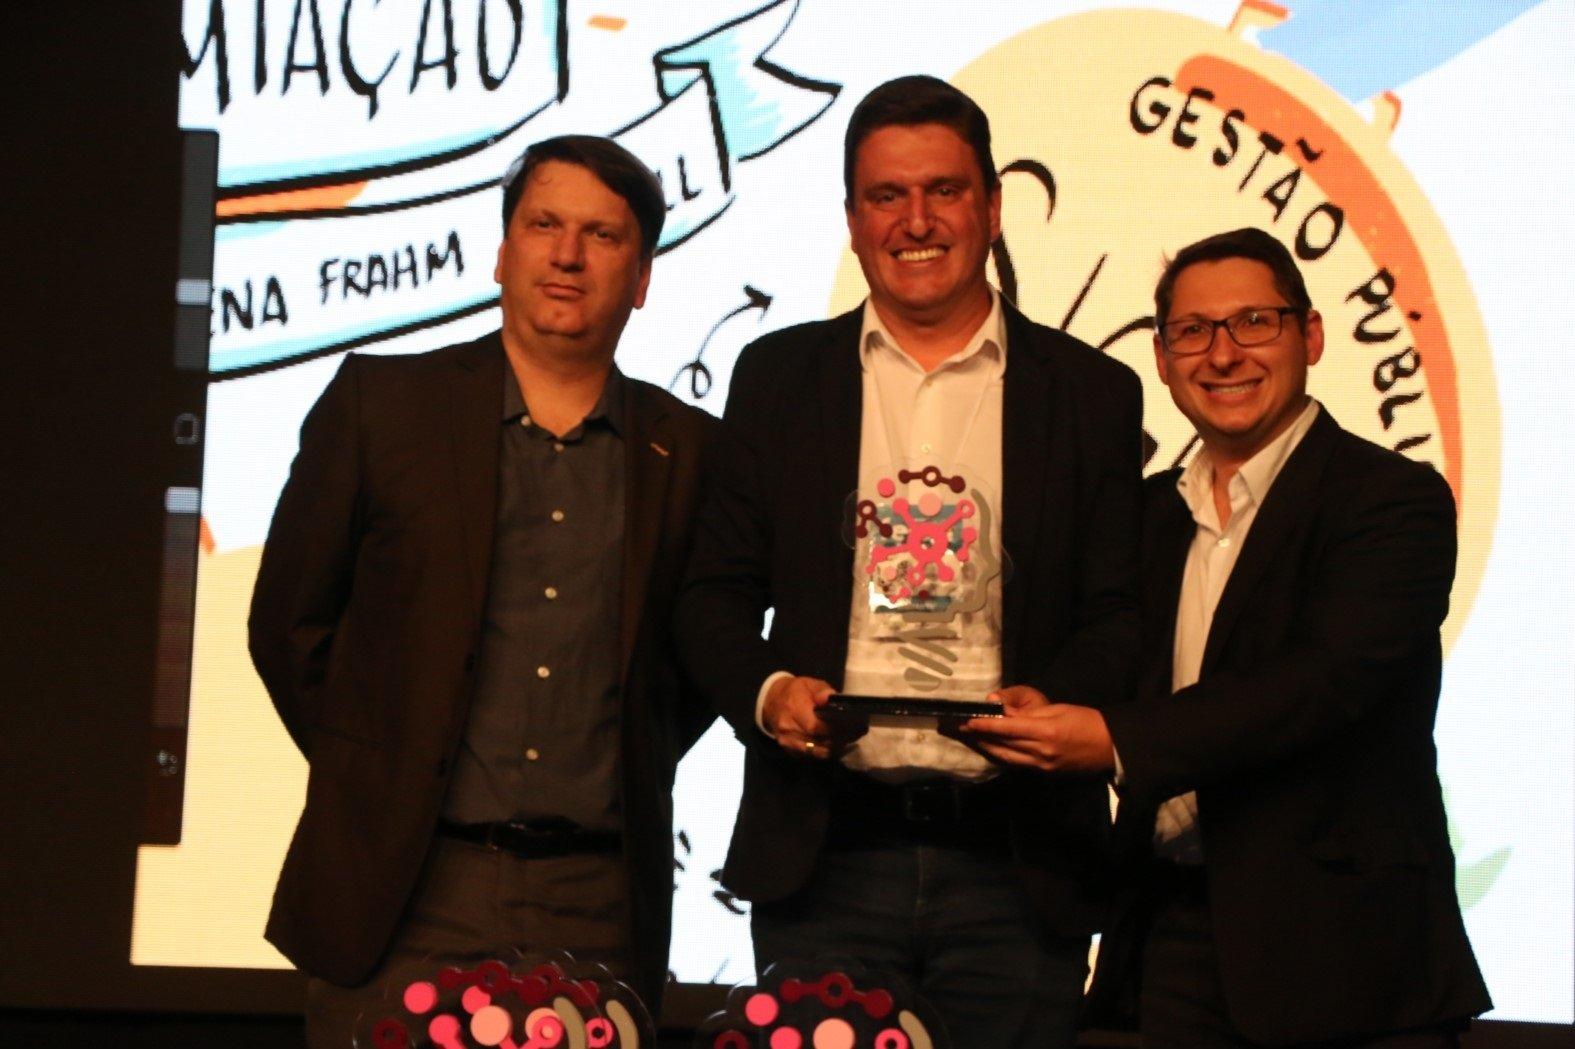 Portal de Gerenciamento de Projetos vence prêmio de Inovação da Acirs